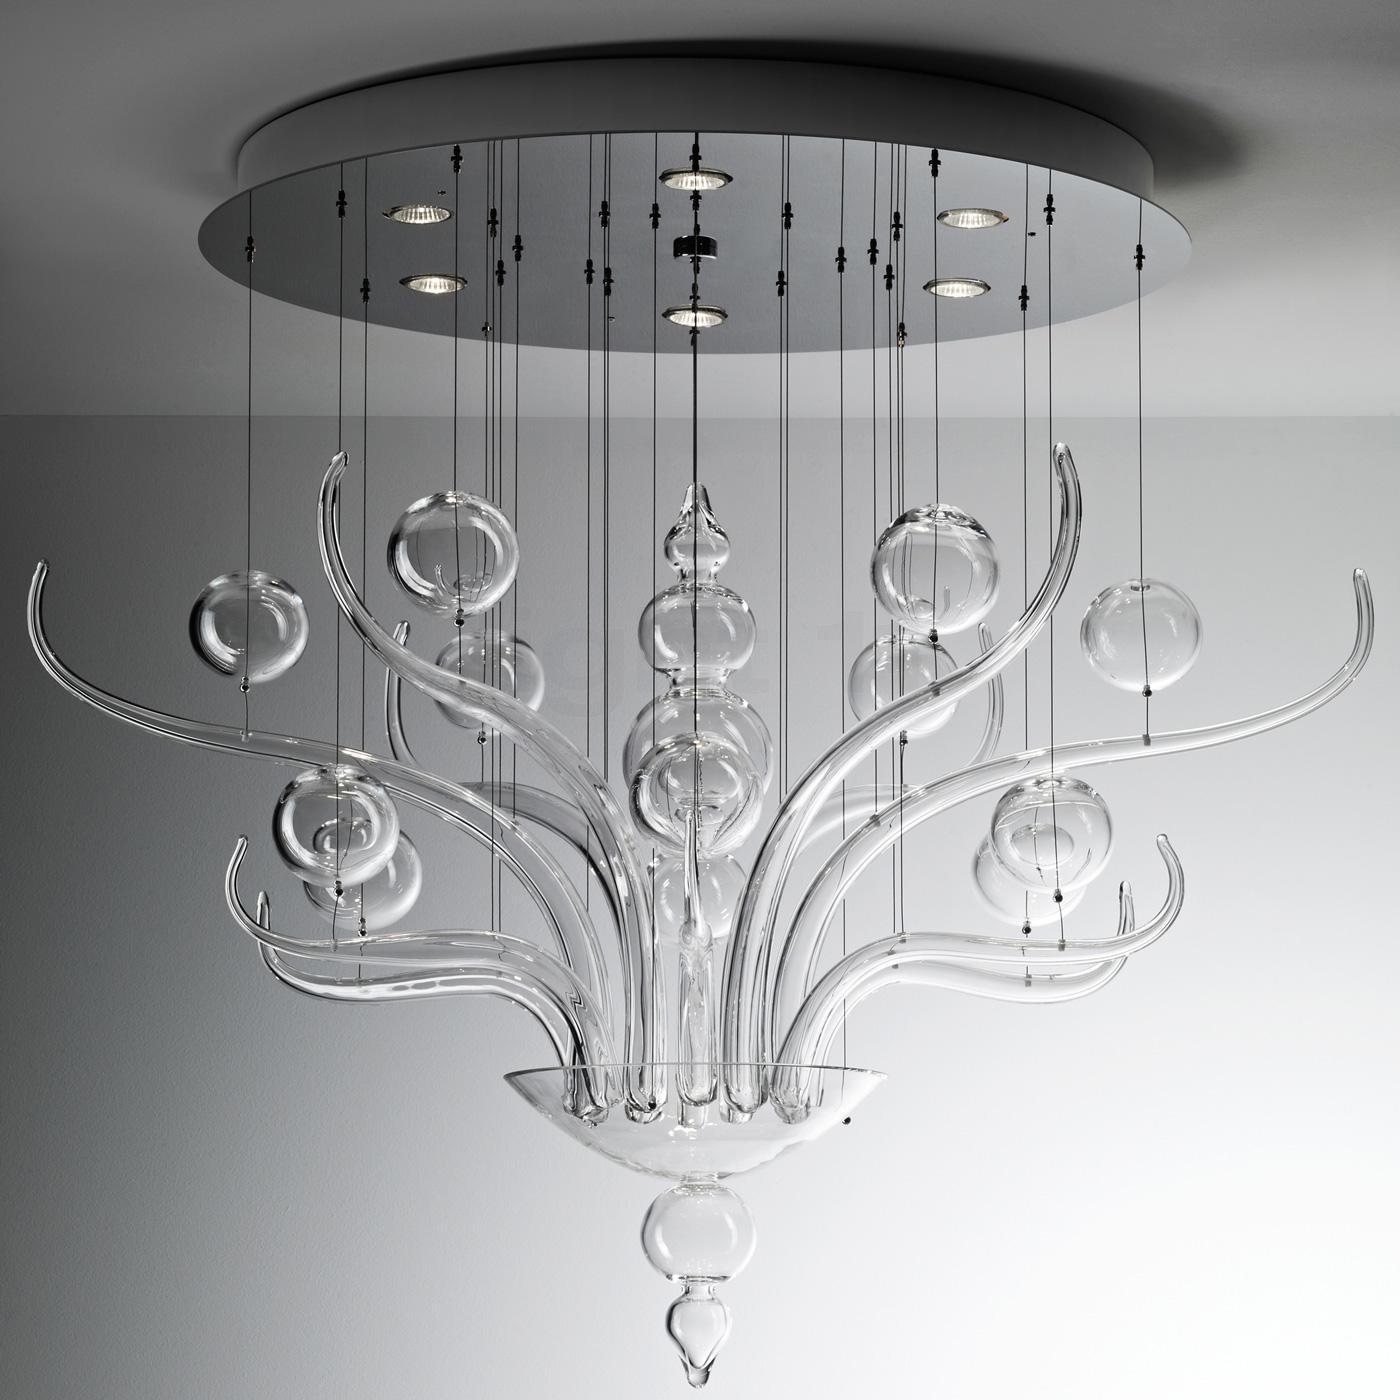 Оригинальный дизайн стеклянной люстры в стиле модерн